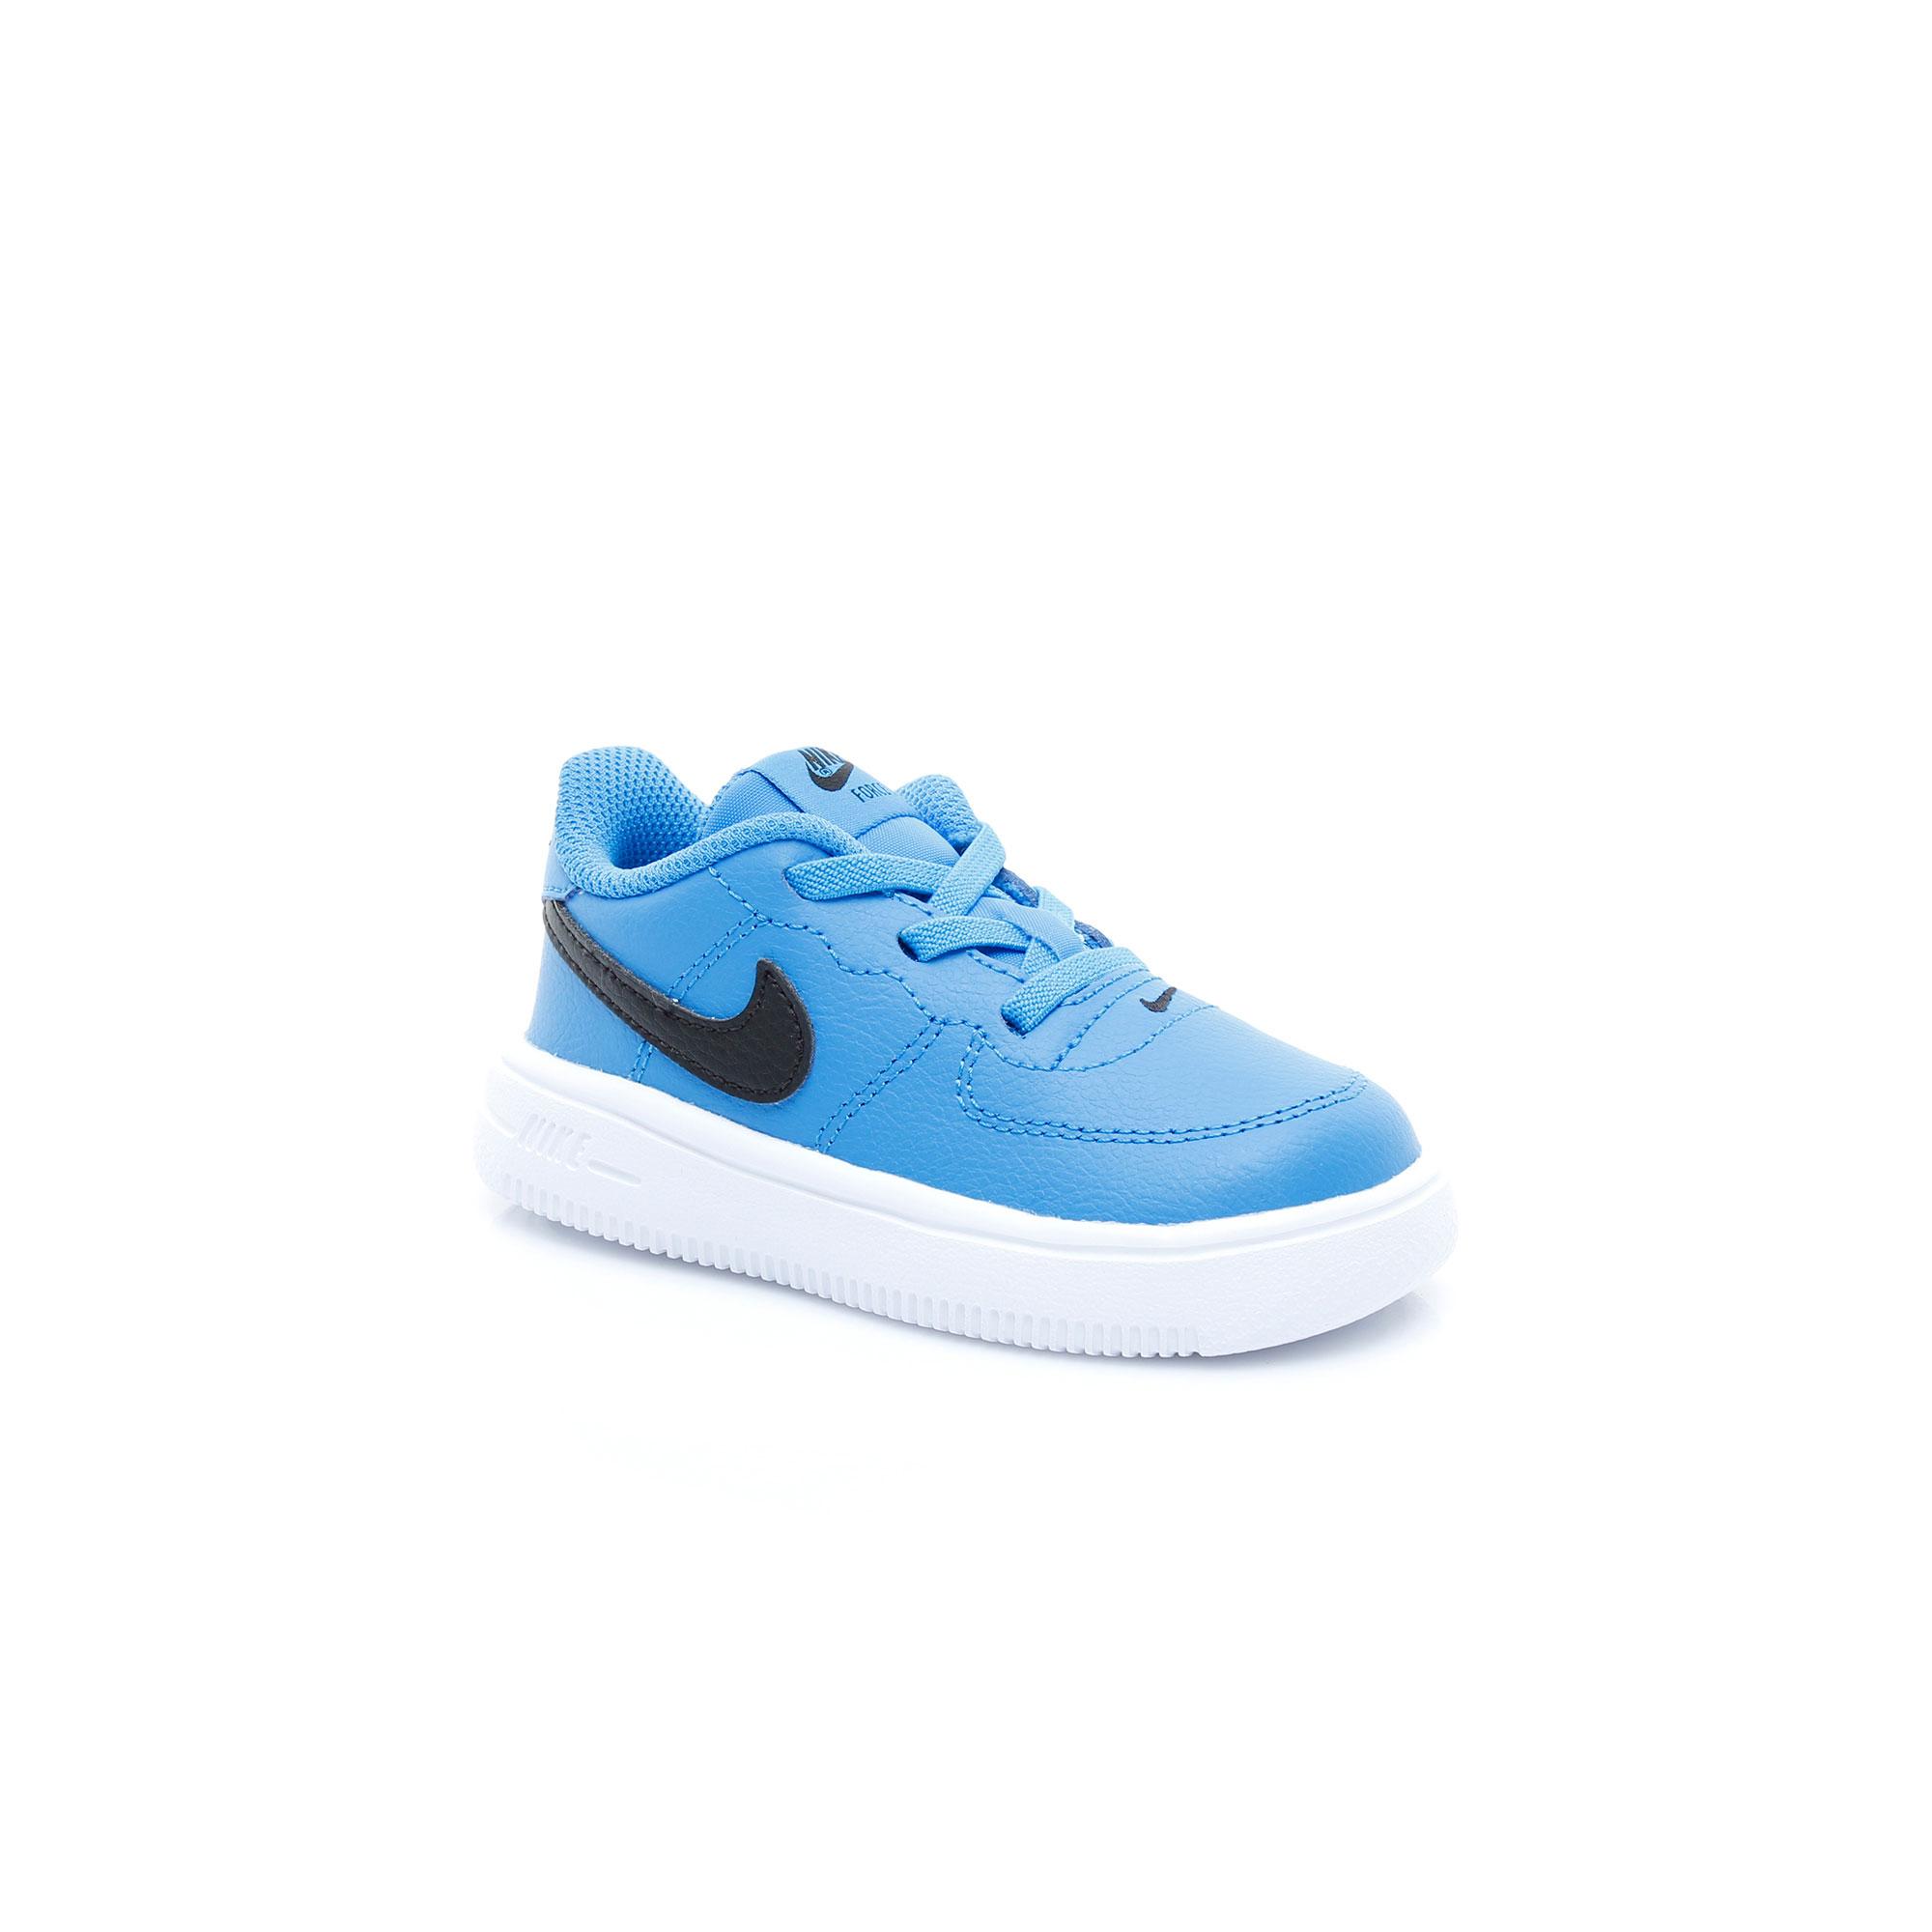 Nike Force 1 '18 Çocuk Mavi Spor Ayakkabı